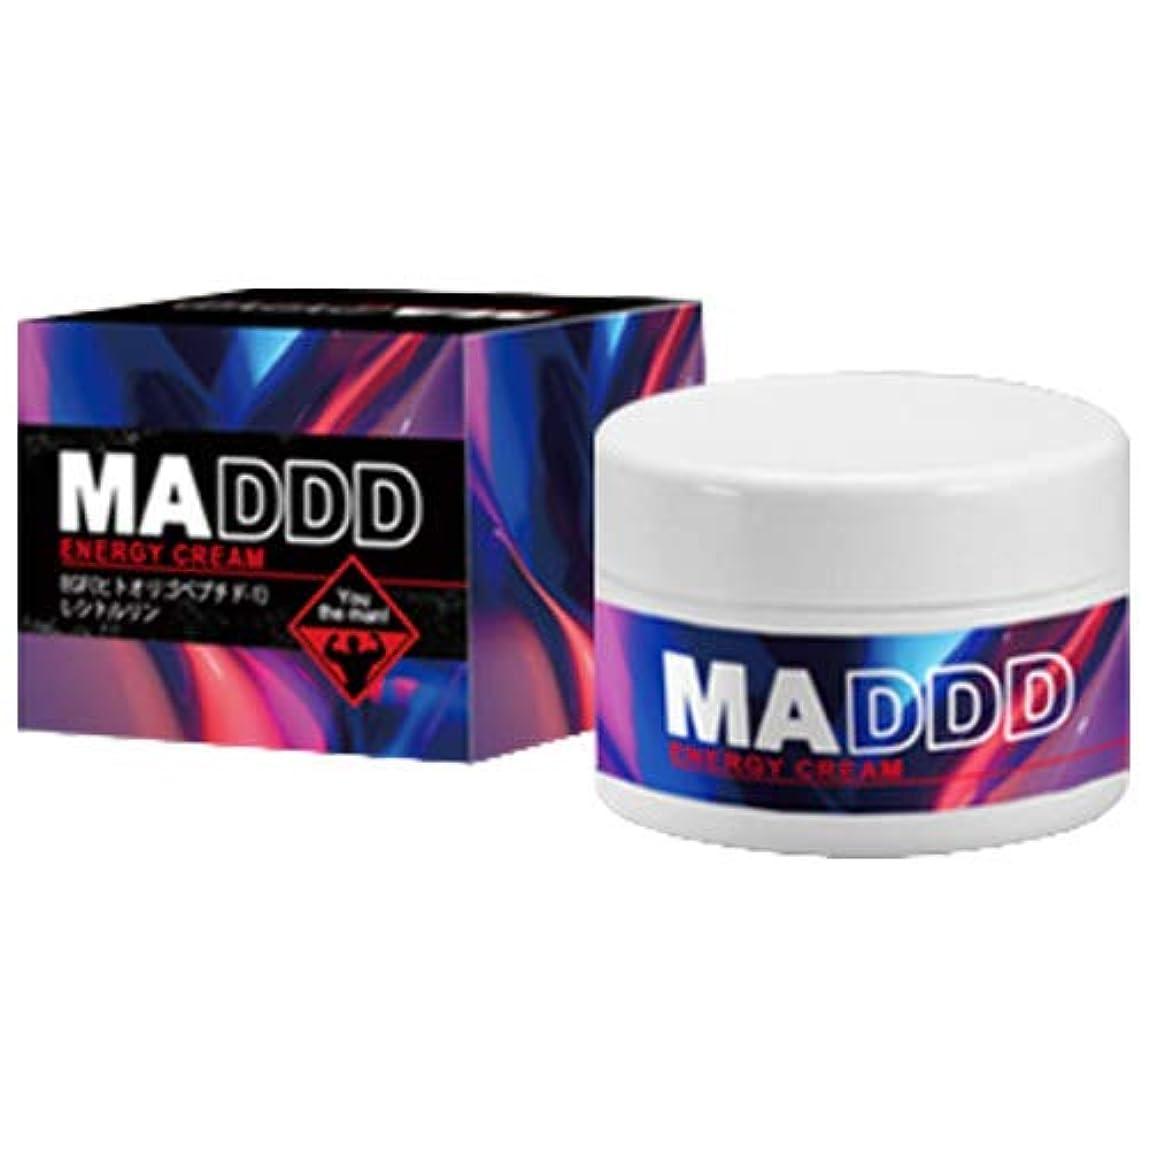 交換可能くしゃくしゃ残り物MADDD 自身 増大 クリーム サプリメント 男性用 (1)